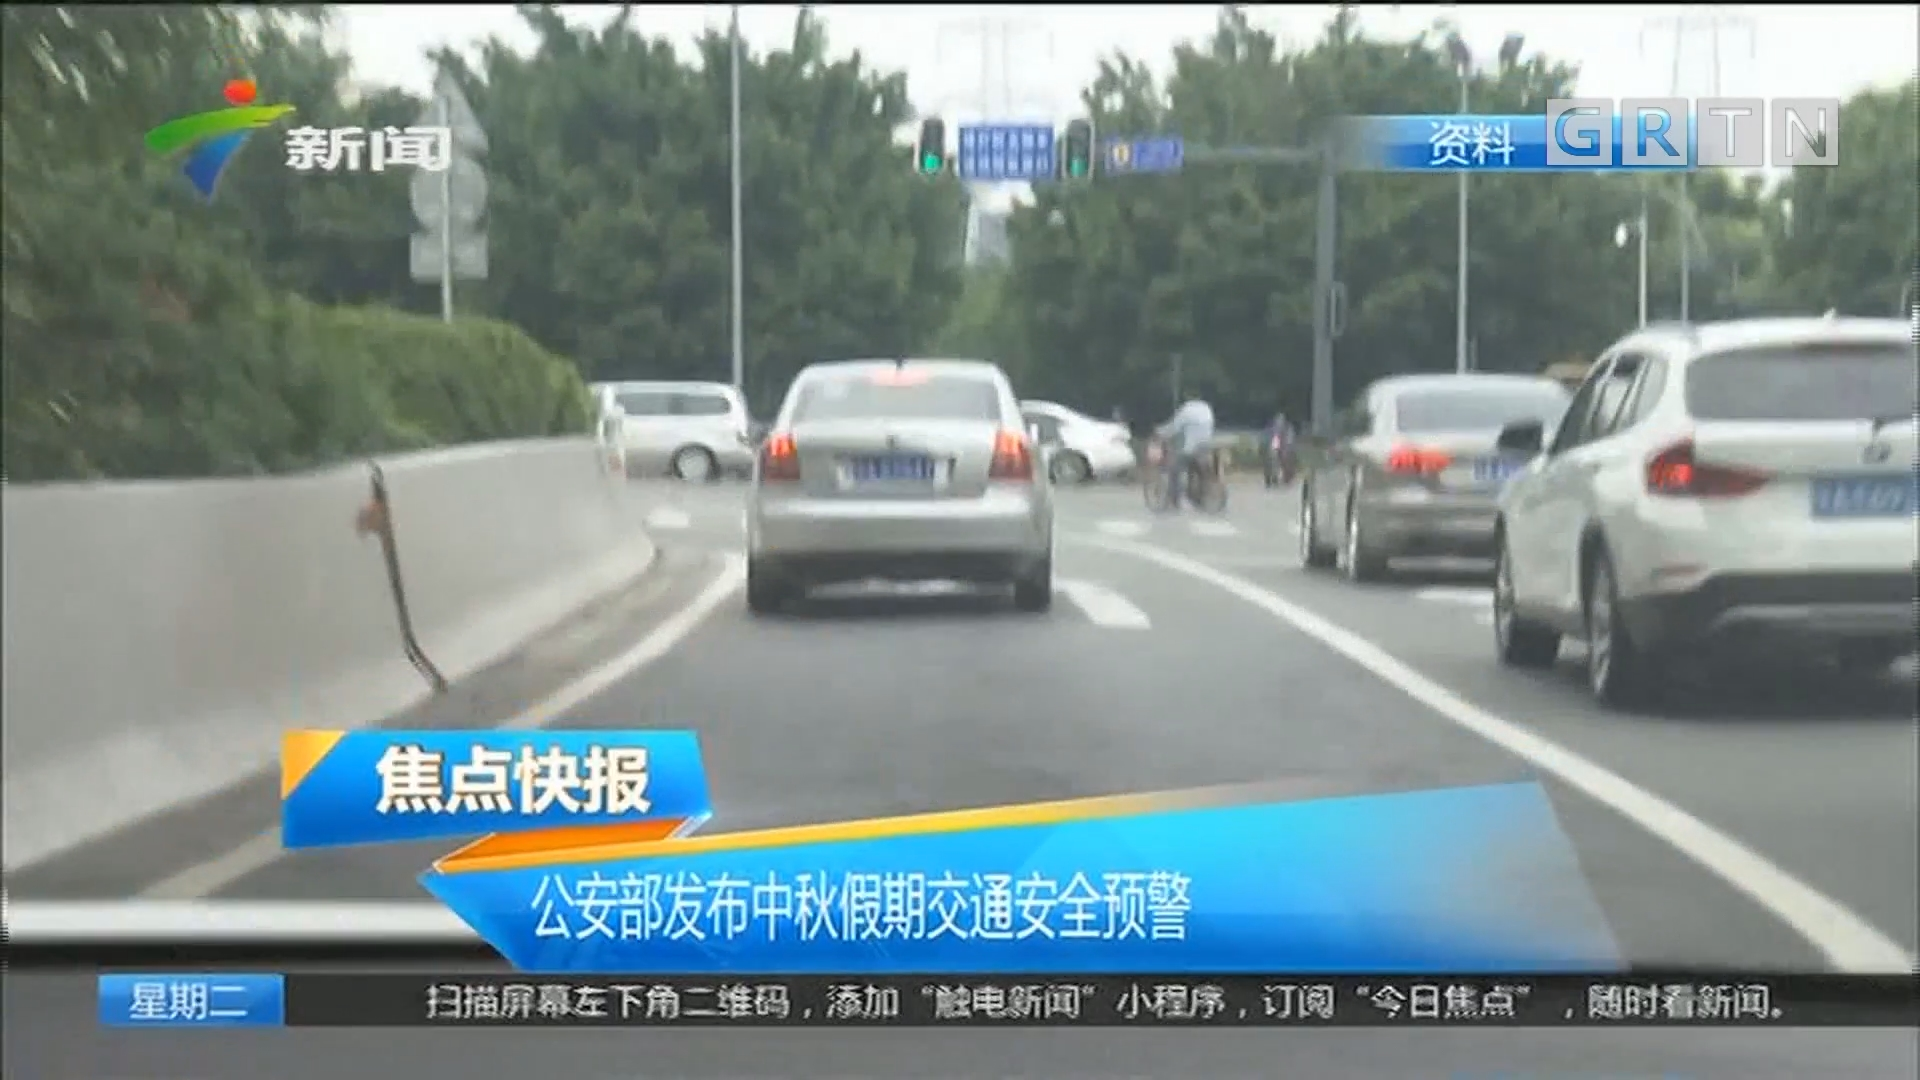 公安部发布中秋假期交通安全预警